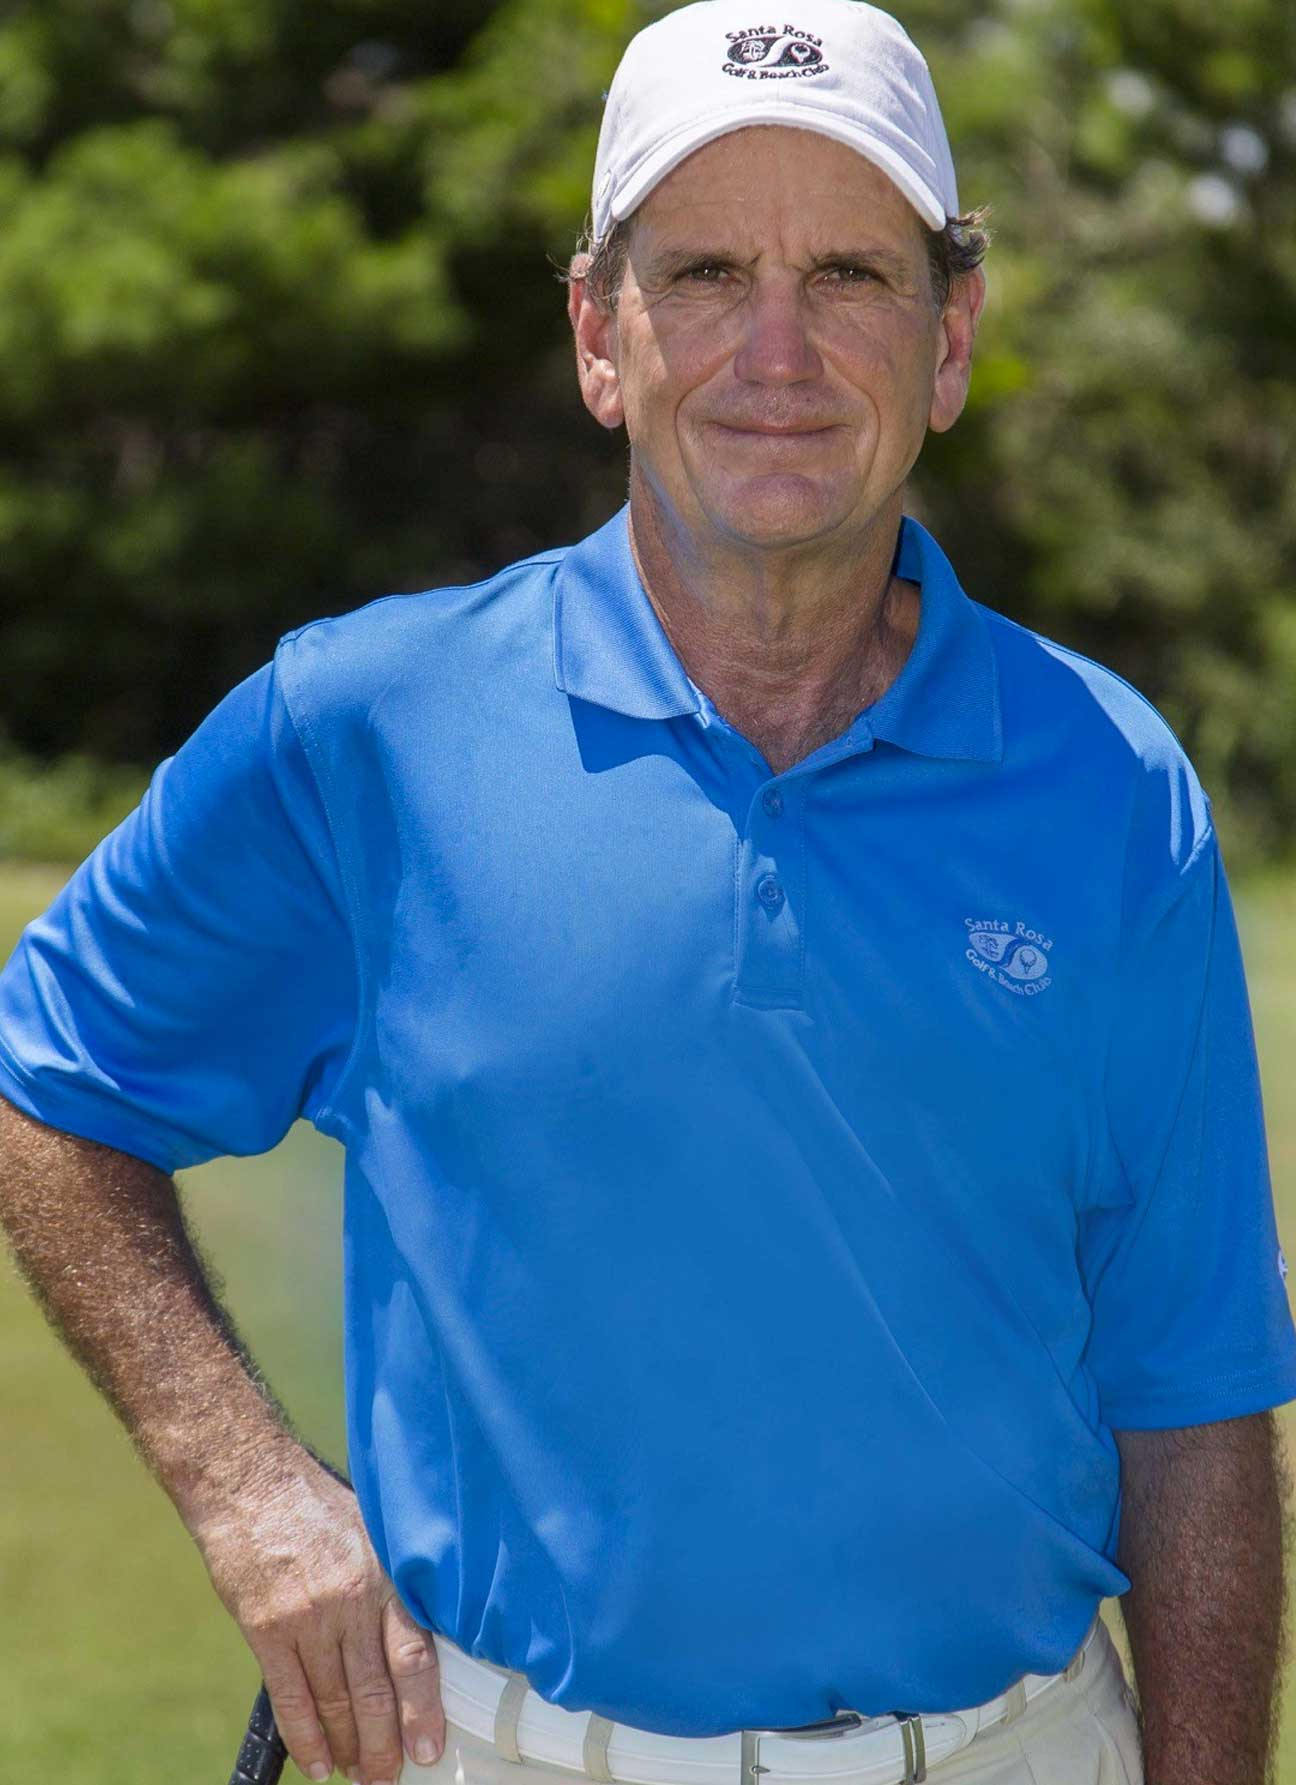 Carter Murchison